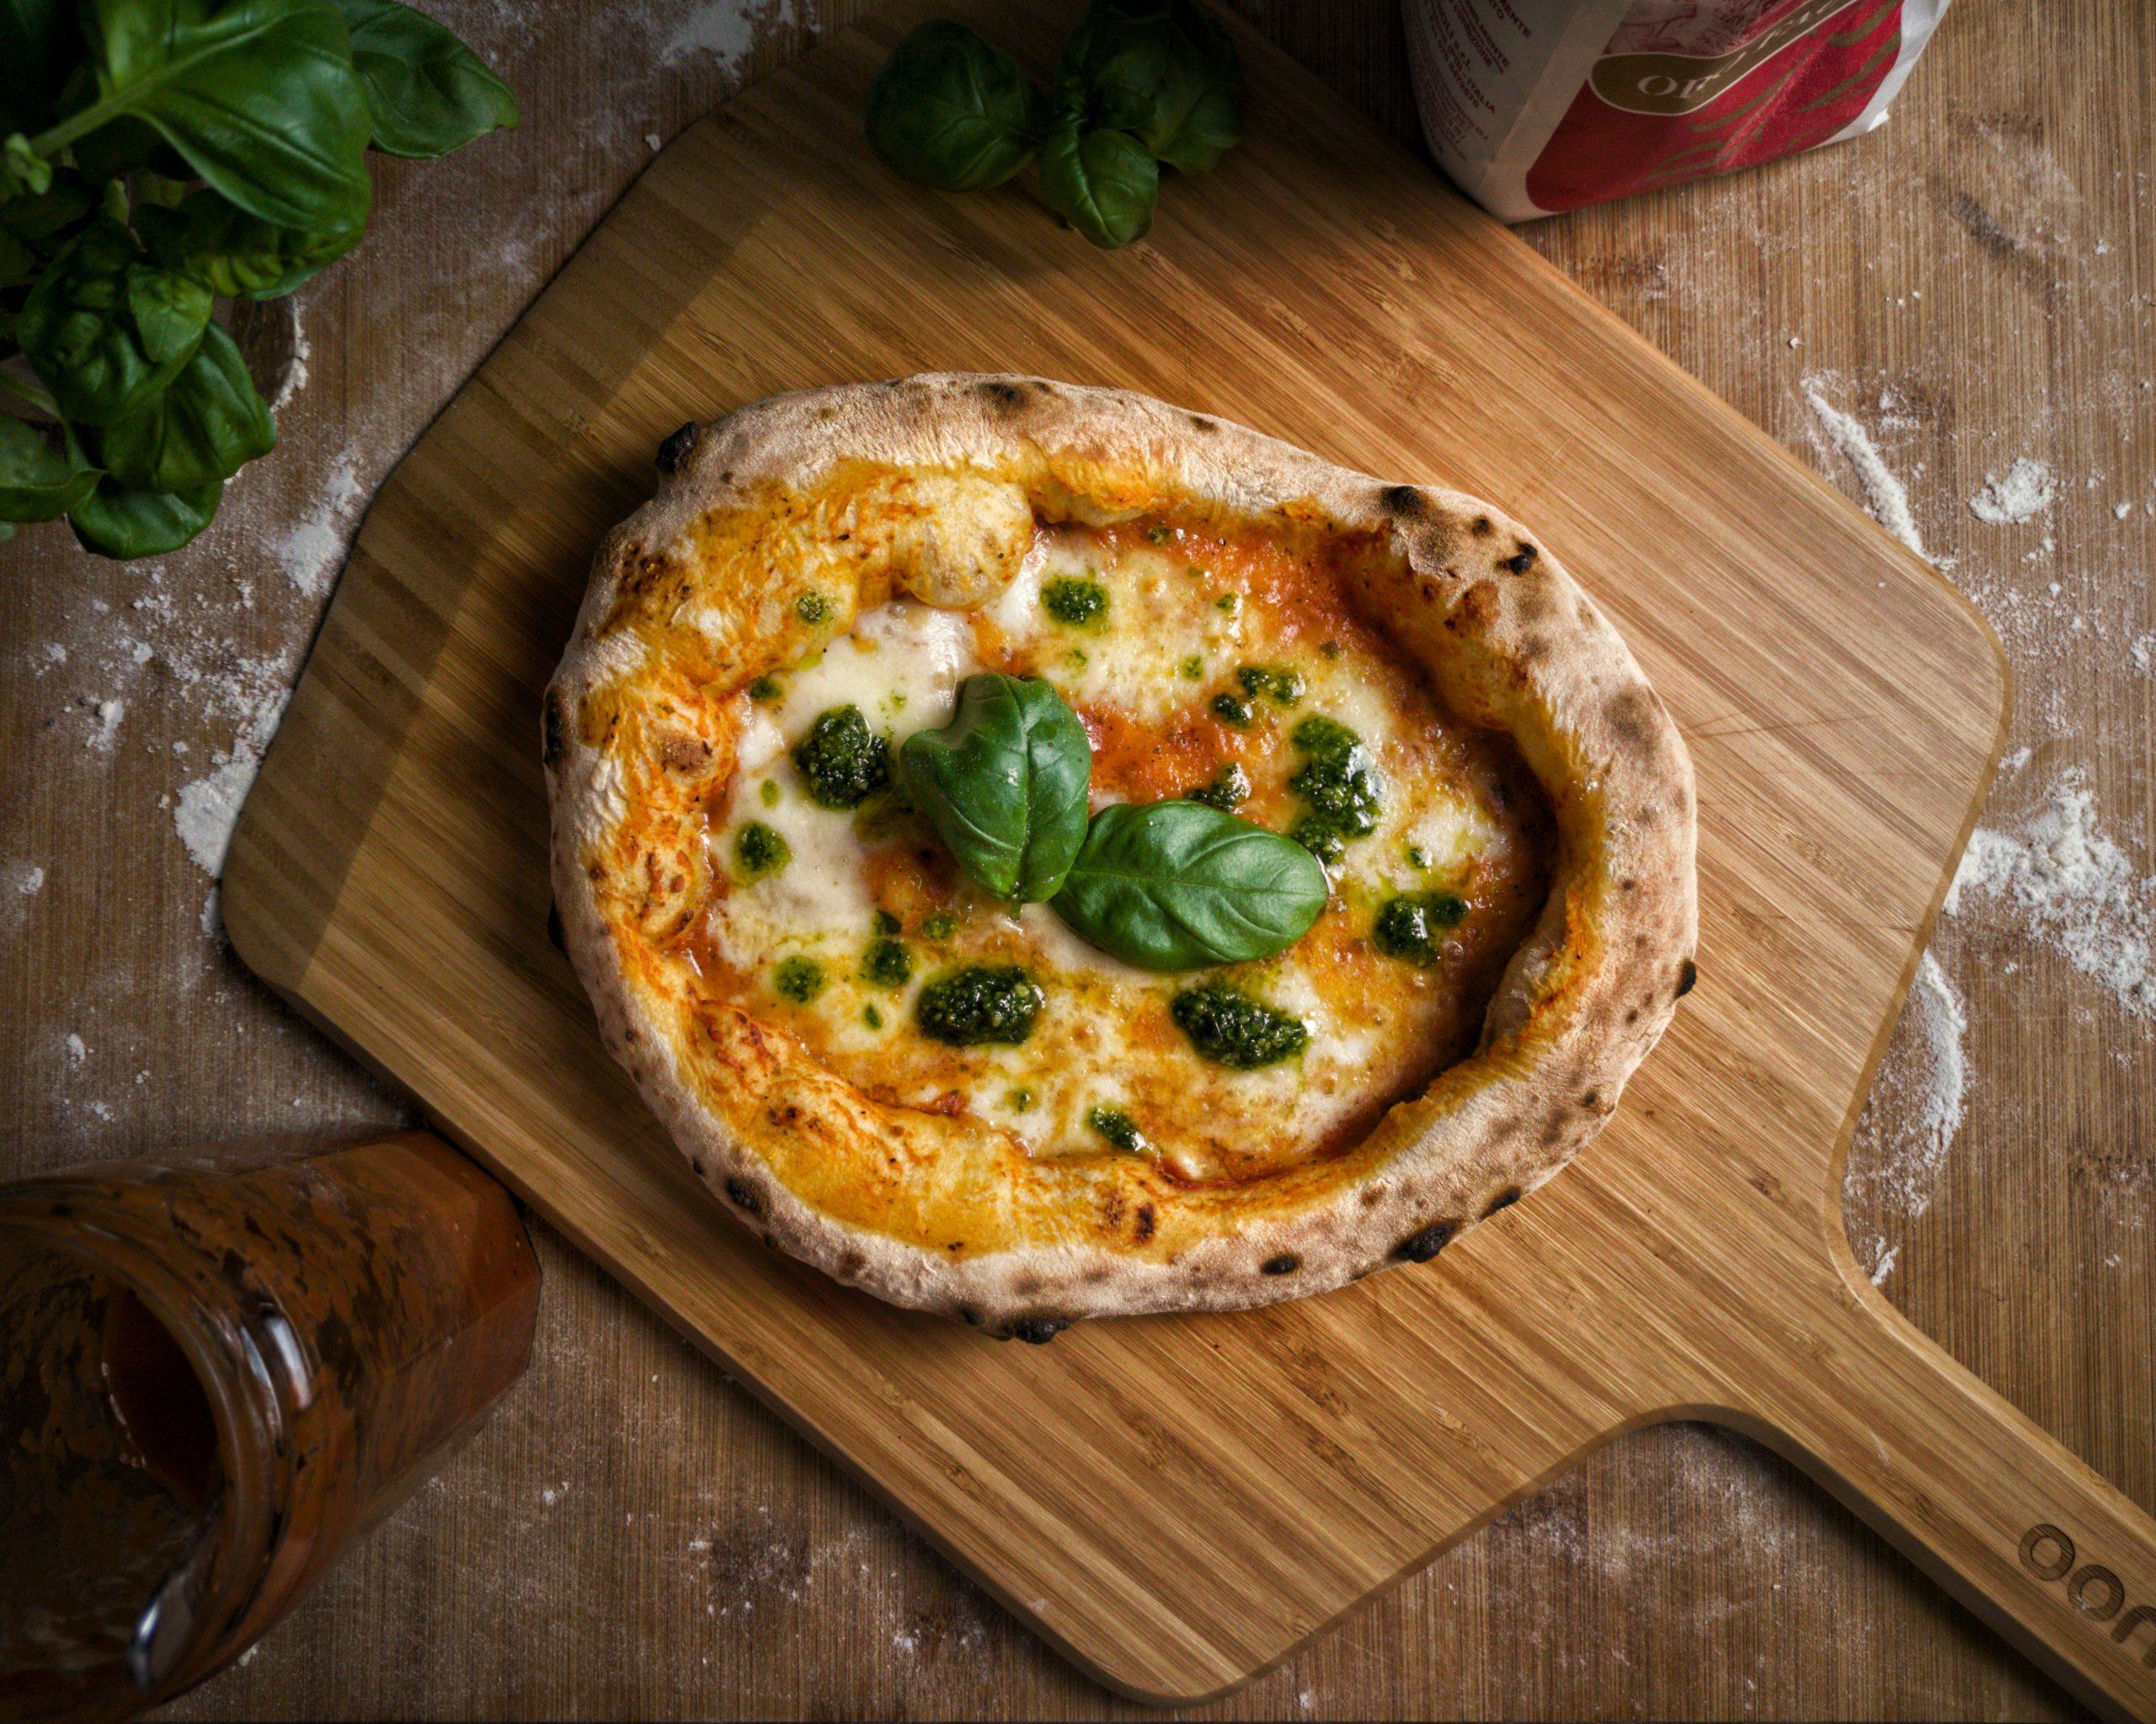 Pizza aus neapolitanischem Pizzateig